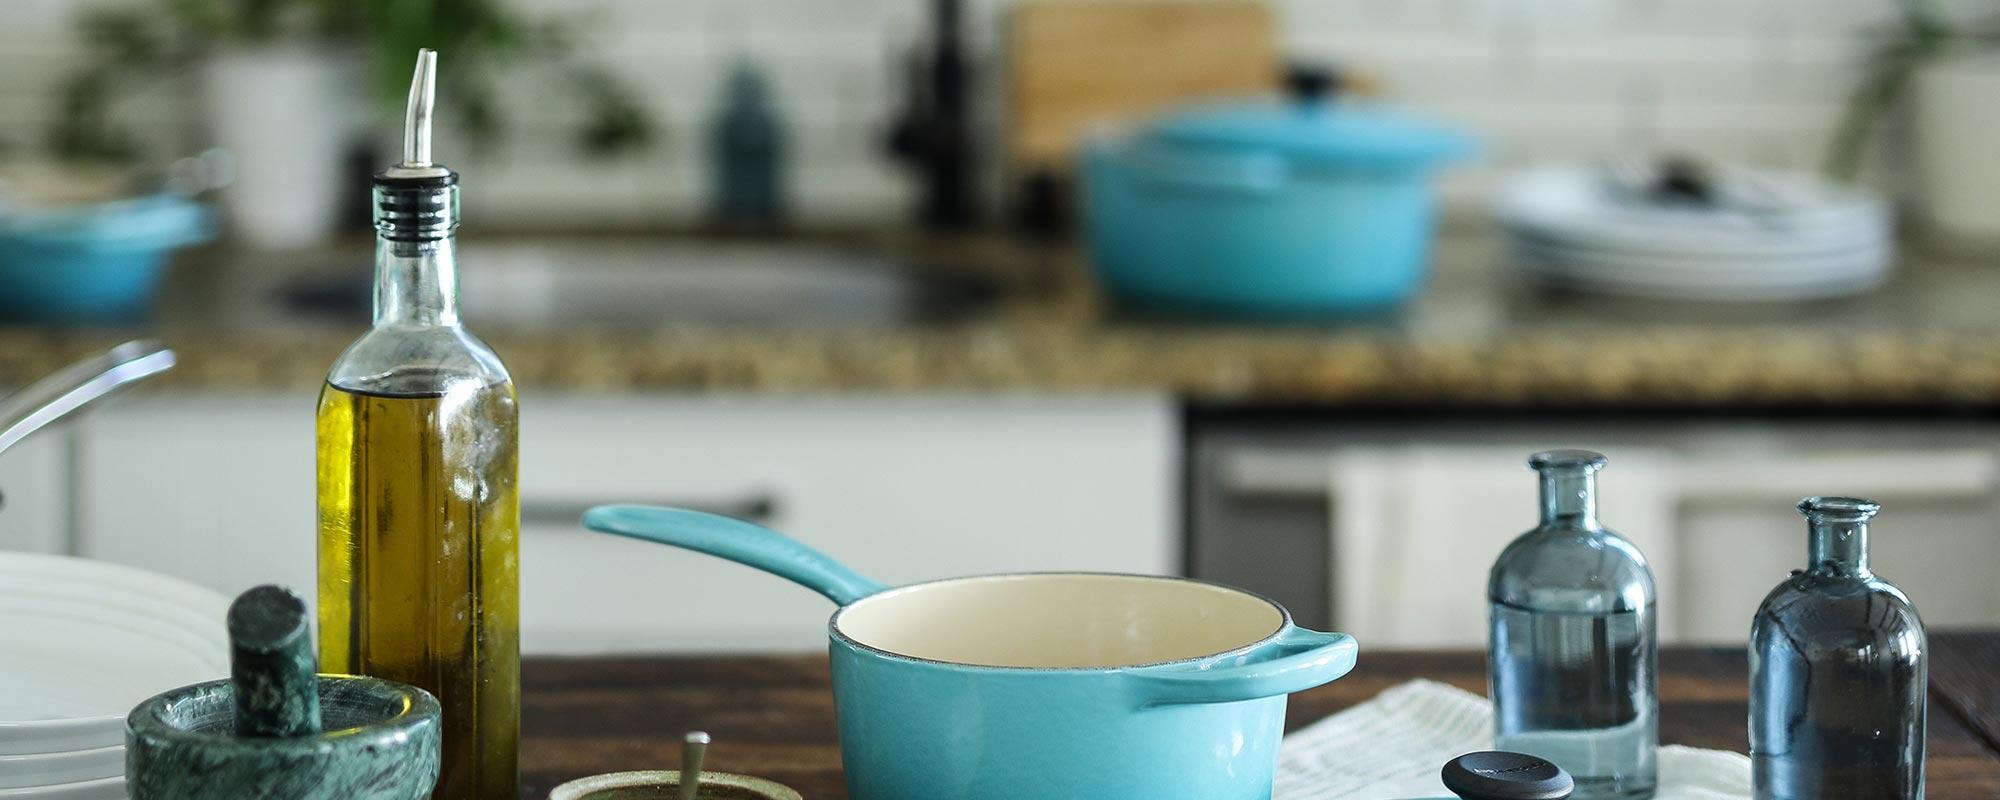 Olivenölflsche in Mediterraner Küche